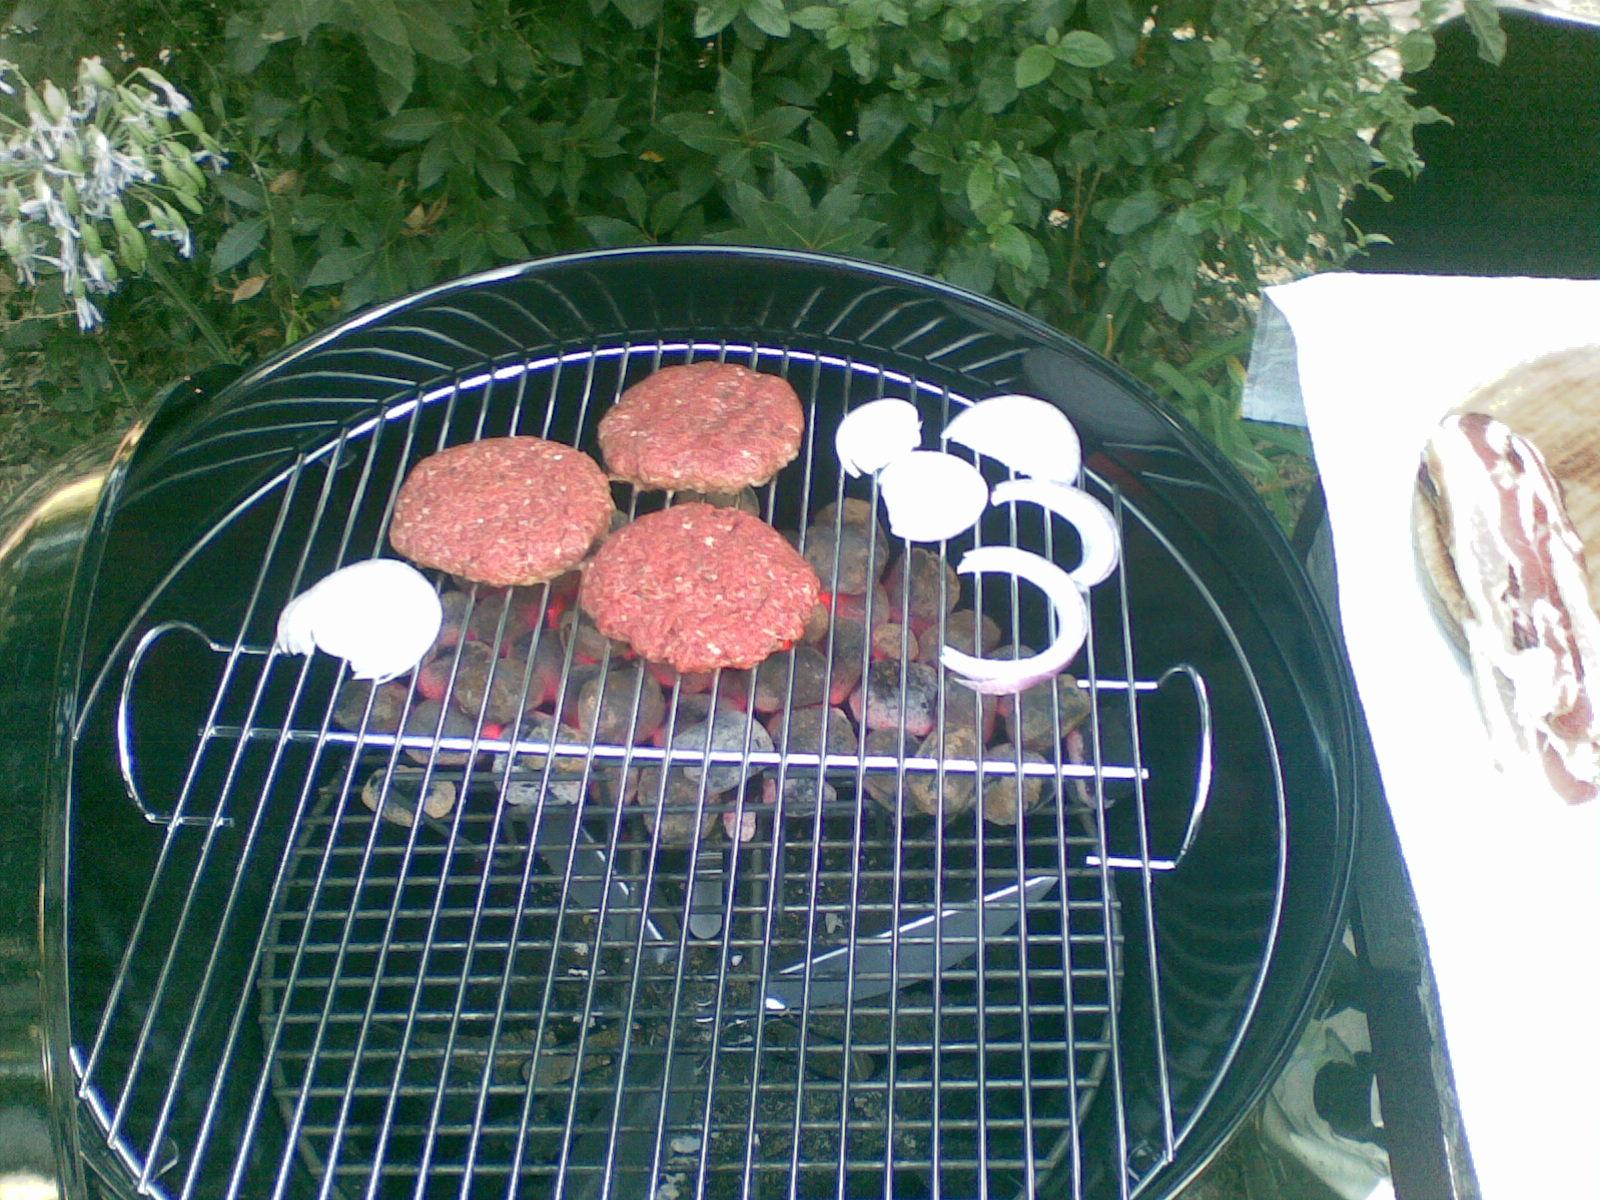 Mon barbecue le weber est arriv - Cheminee allumage weber ...